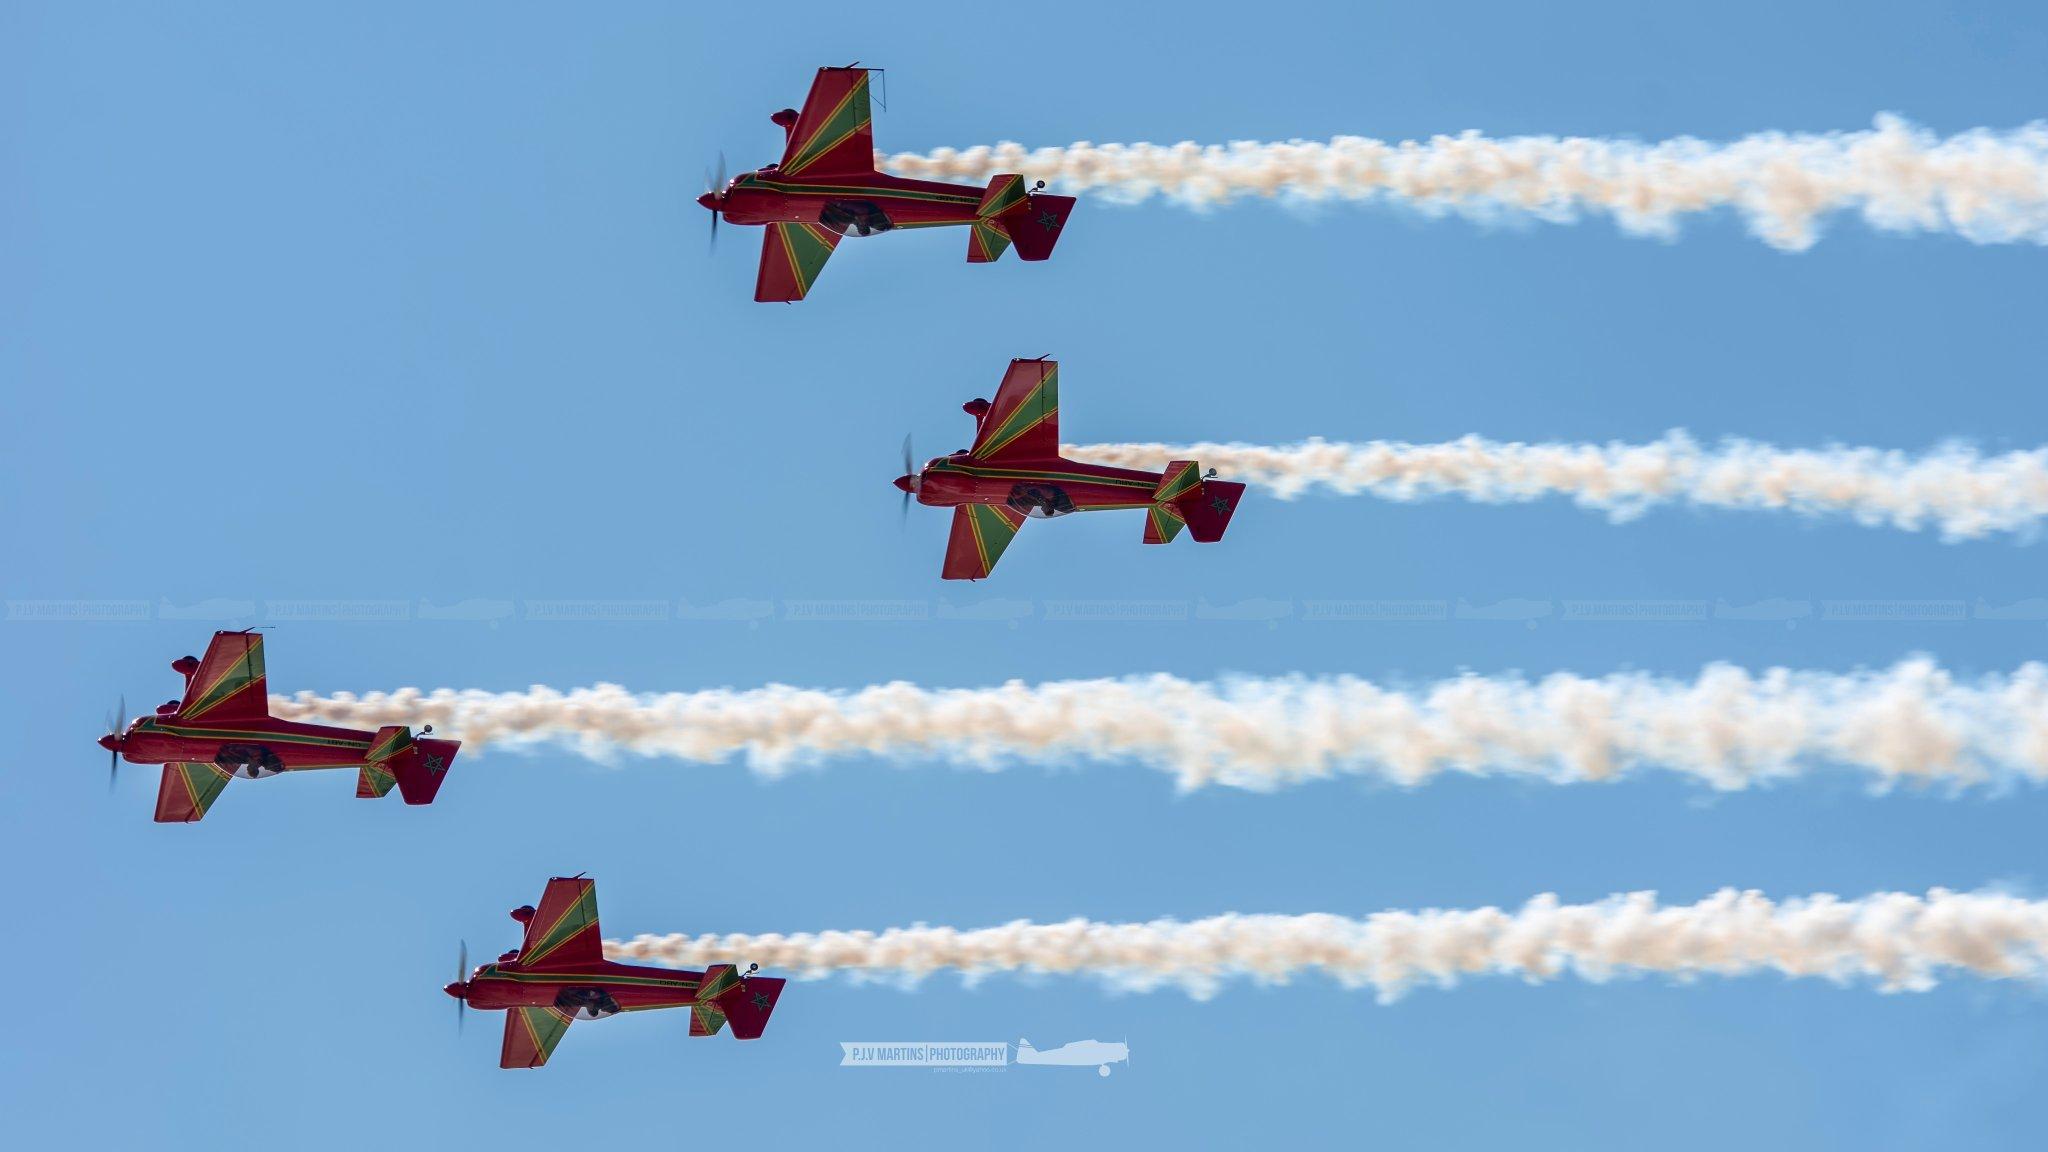 la patrouille acrobatique : la marche verte - Page 9 D-auc610